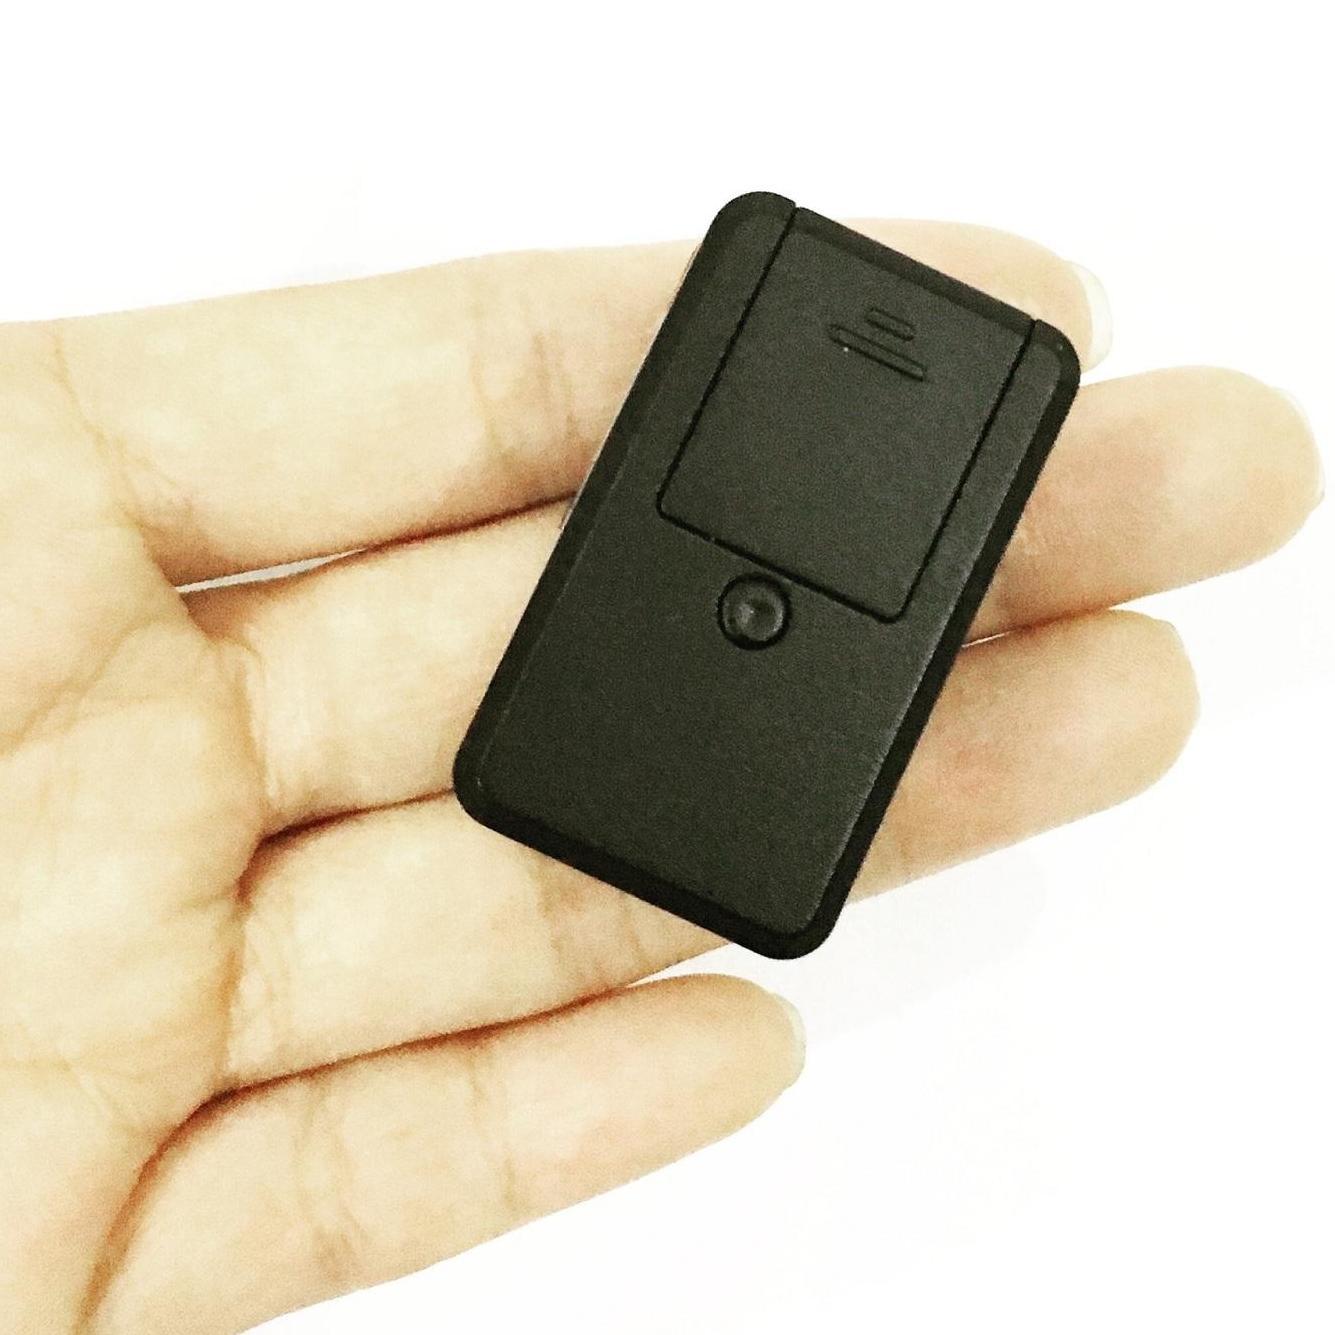 Máy định vị GPS PKCB-612 Âm thanh chất lượng, định vị chính xác